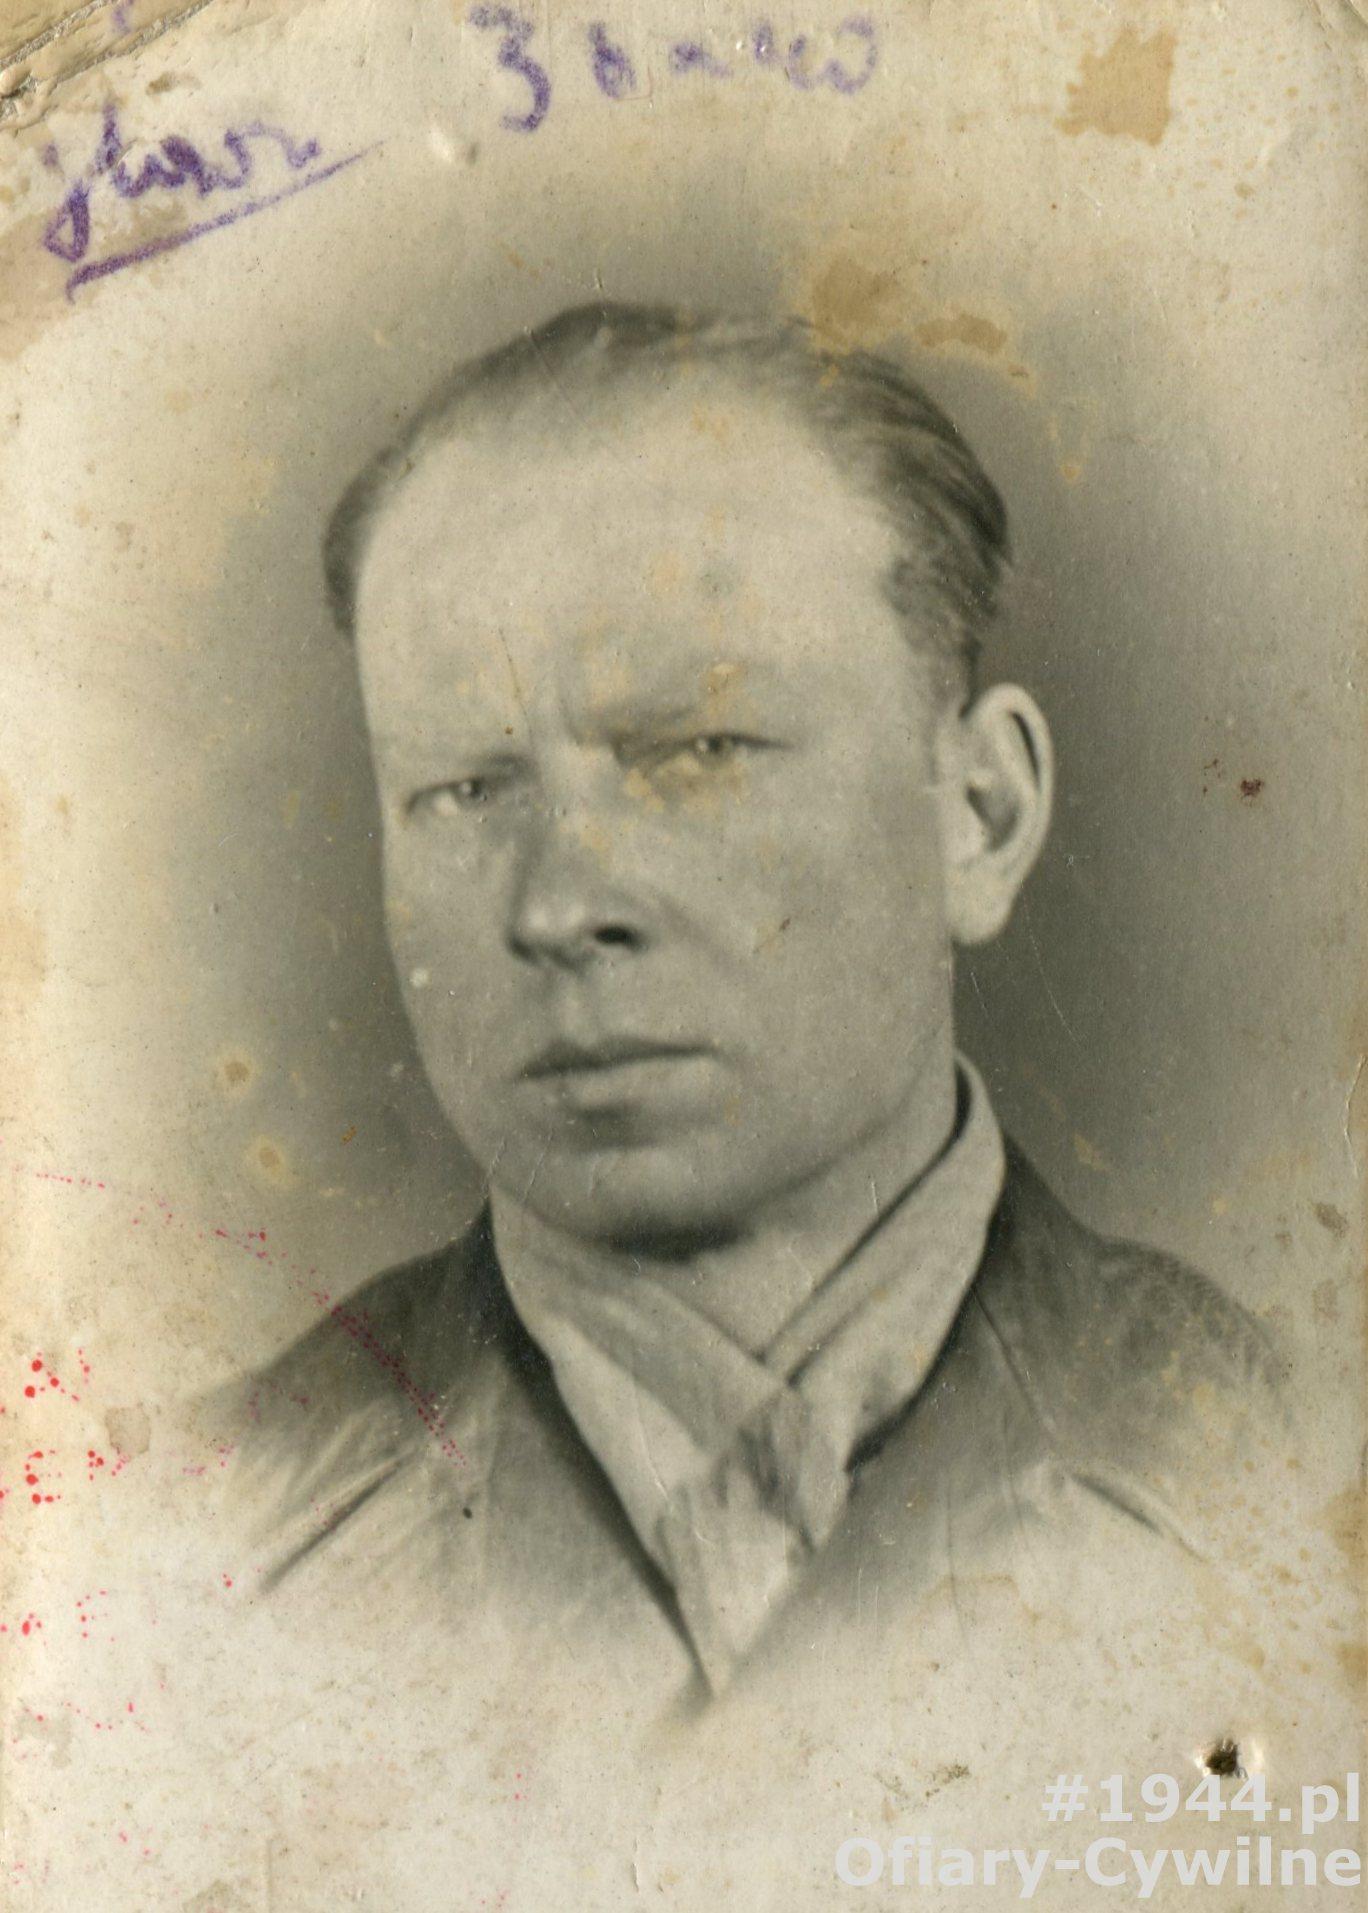 Zdjęcie z okupacyjnej kenkarty, udostępnione przez córkę p. Marię Bromowska-Wieńszczak